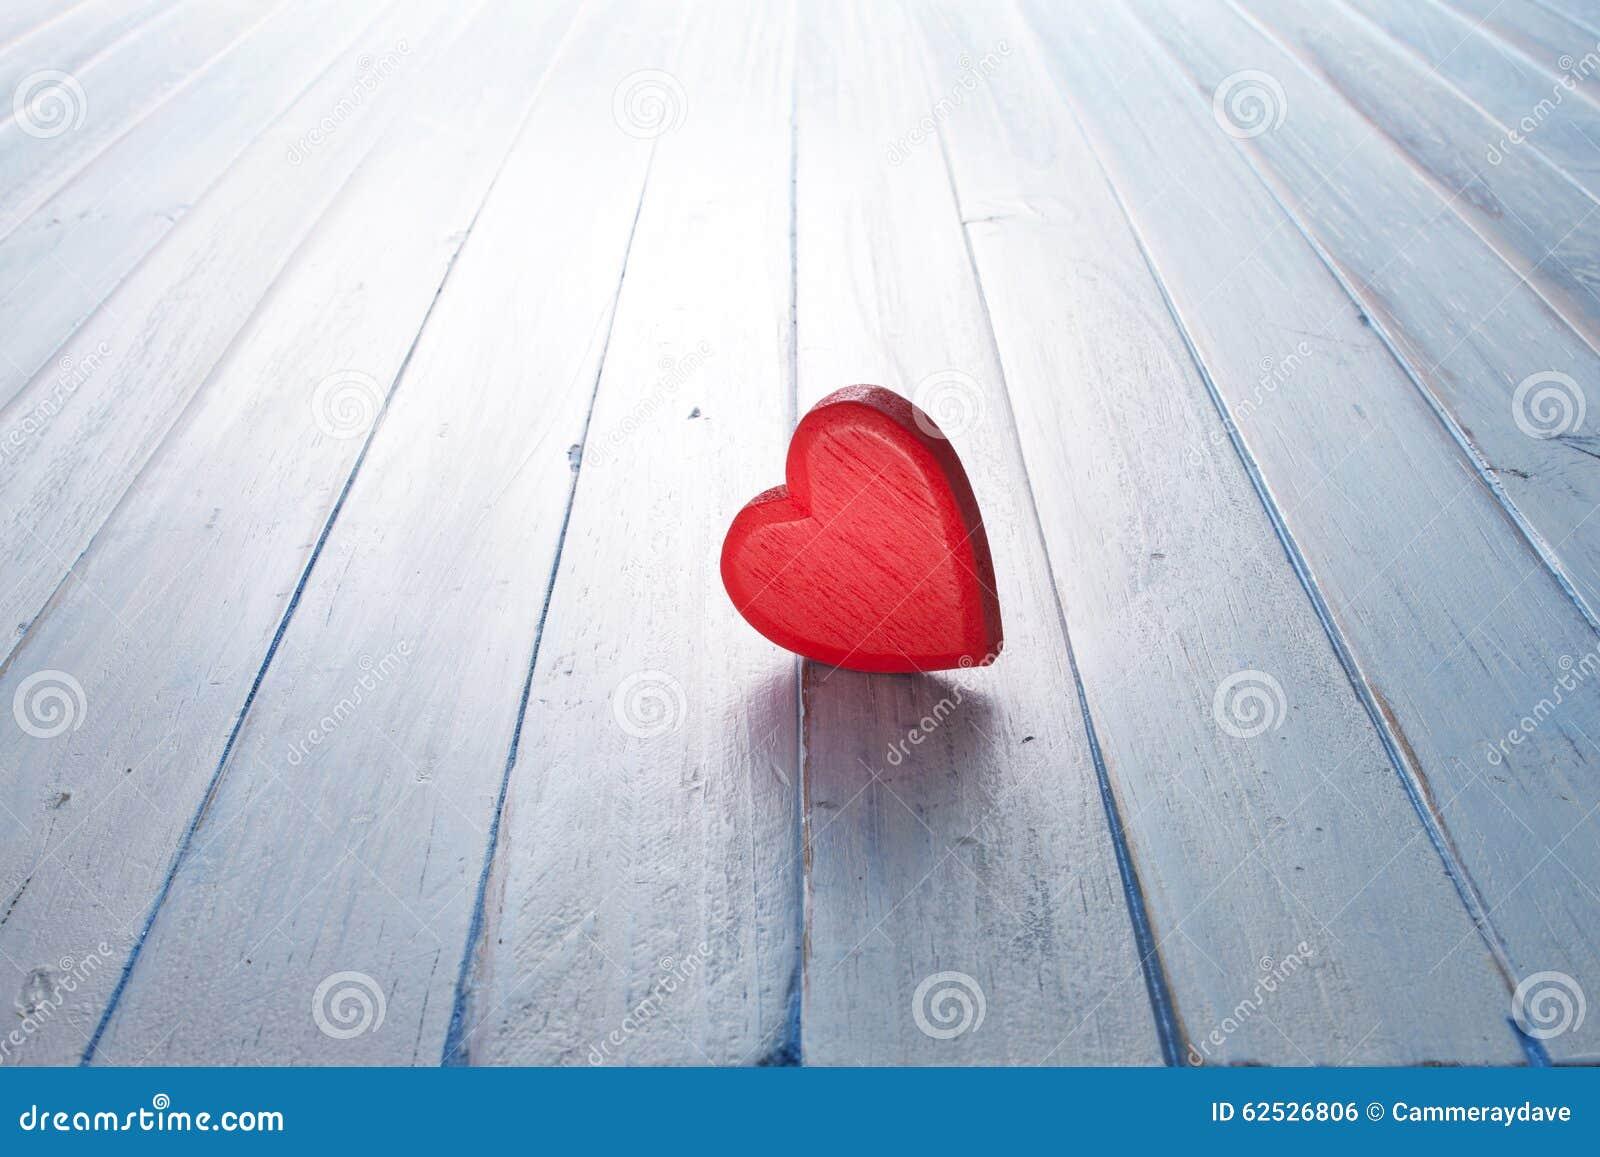 爱心脏背景